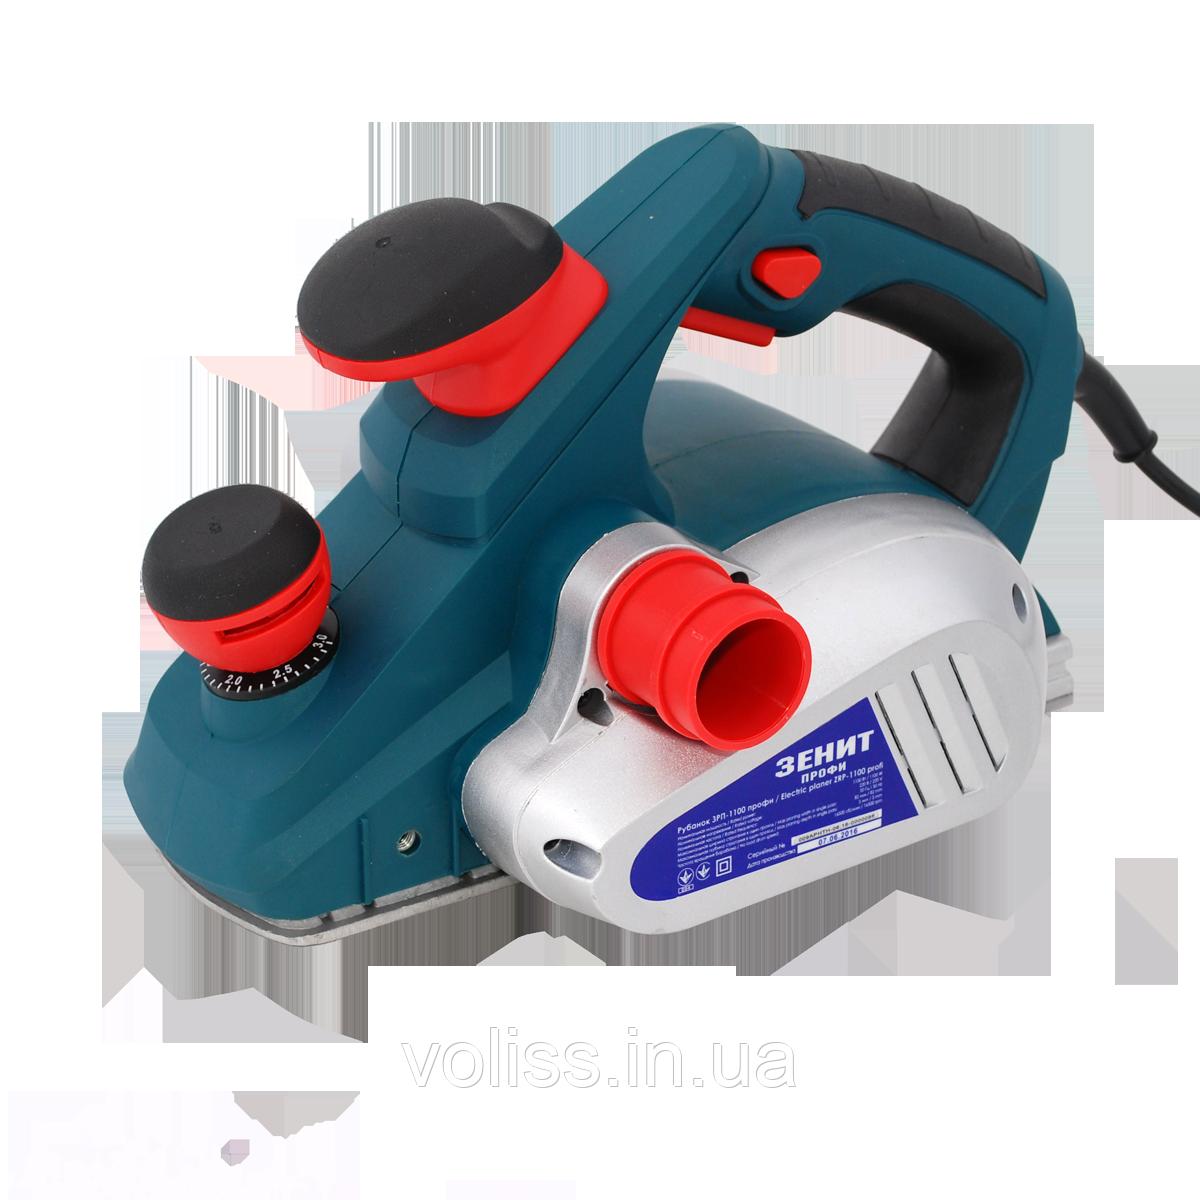 Рубанок електричний Зеніт профі ЗРП-1100